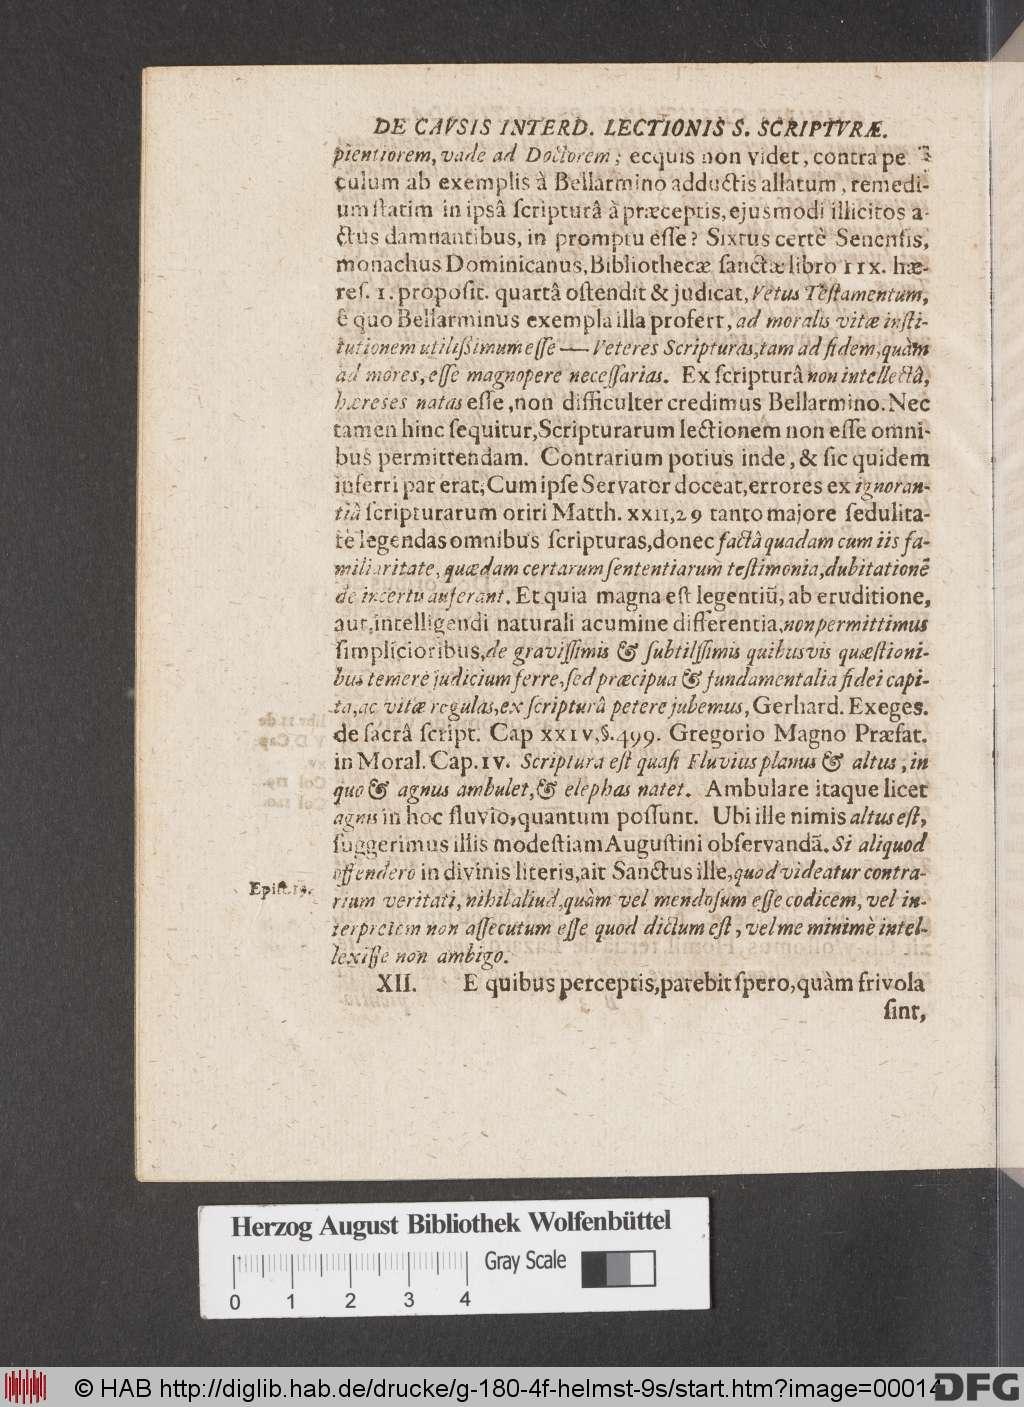 http://diglib.hab.de/drucke/g-180-4f-helmst-9s/00014.jpg